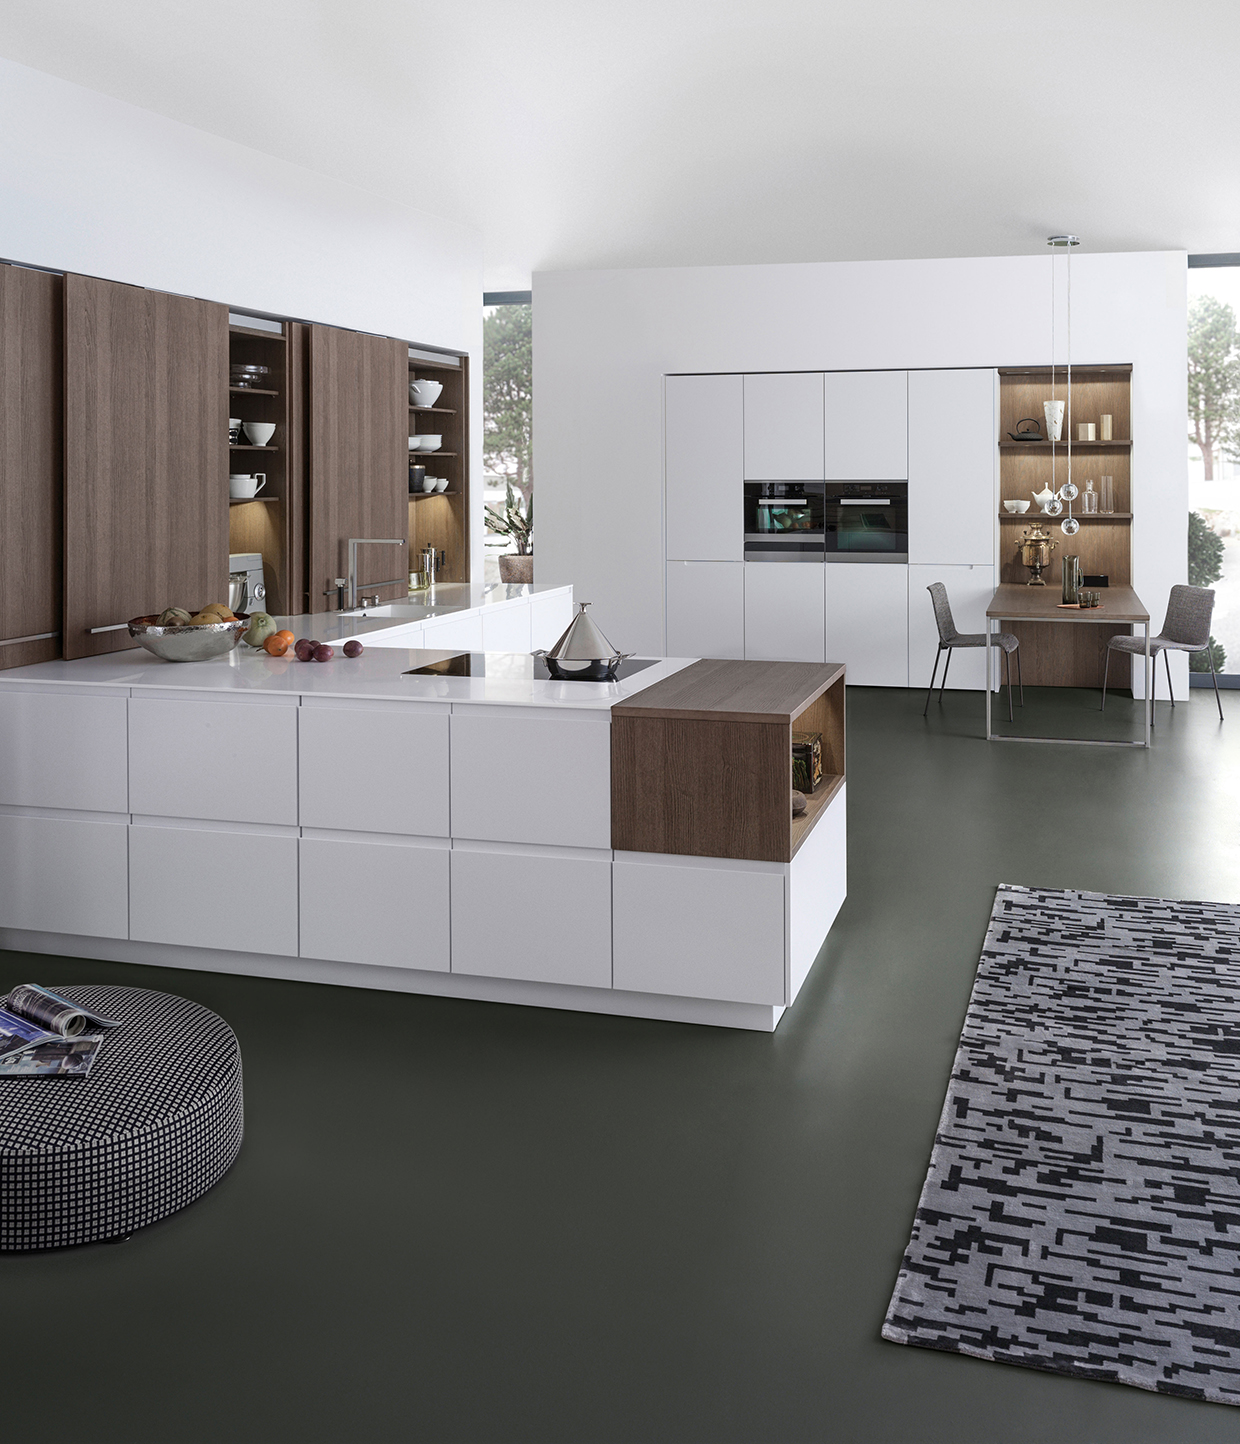 auch die optik z hlt trend zu materialkombinationen amk arbeitsgemeinschaft die moderne. Black Bedroom Furniture Sets. Home Design Ideas